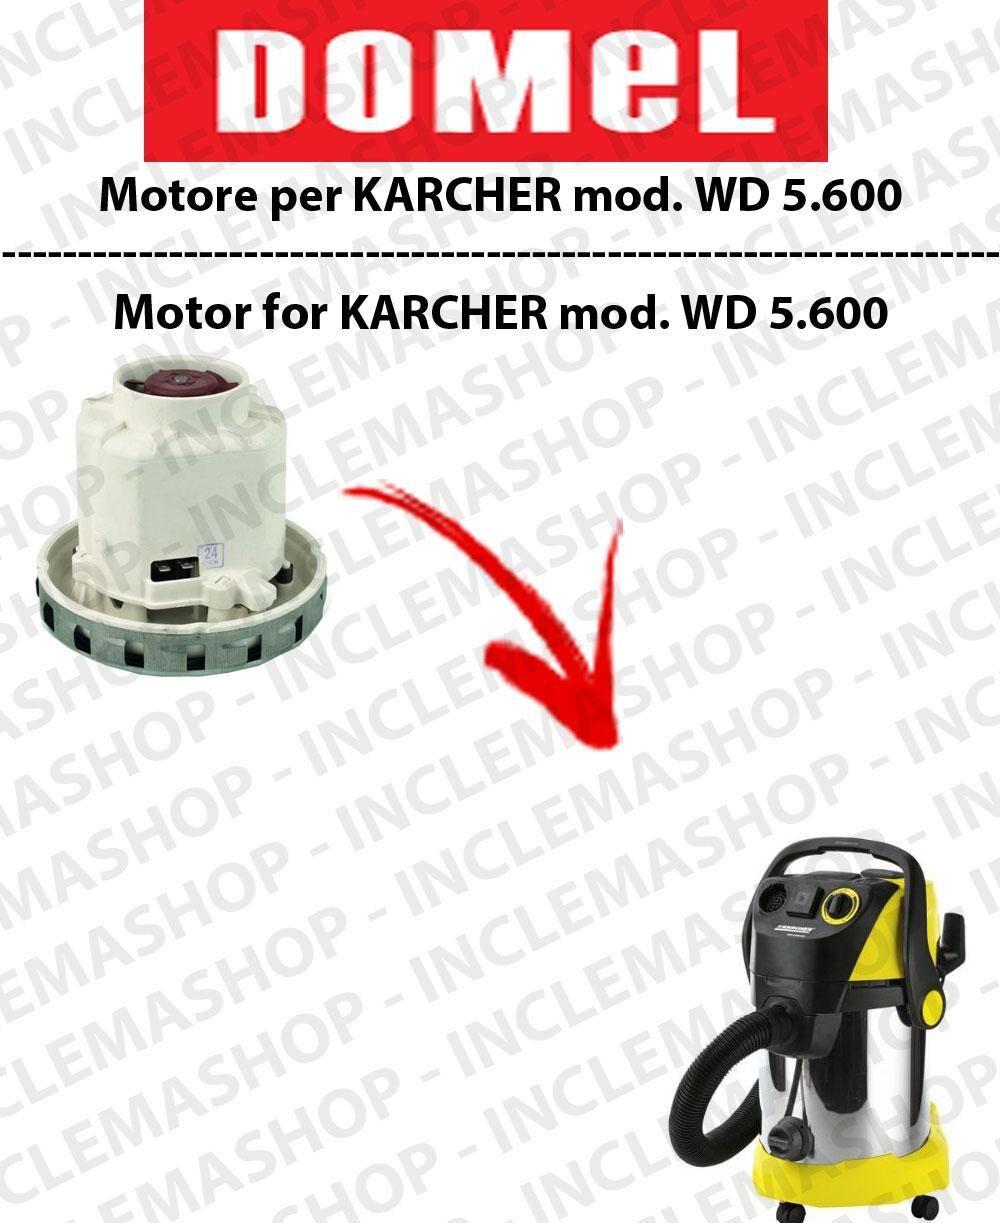 Karcher WD 5.800 MOTORE ASPIRAZIONE DOMEL per aspirapolvere -2